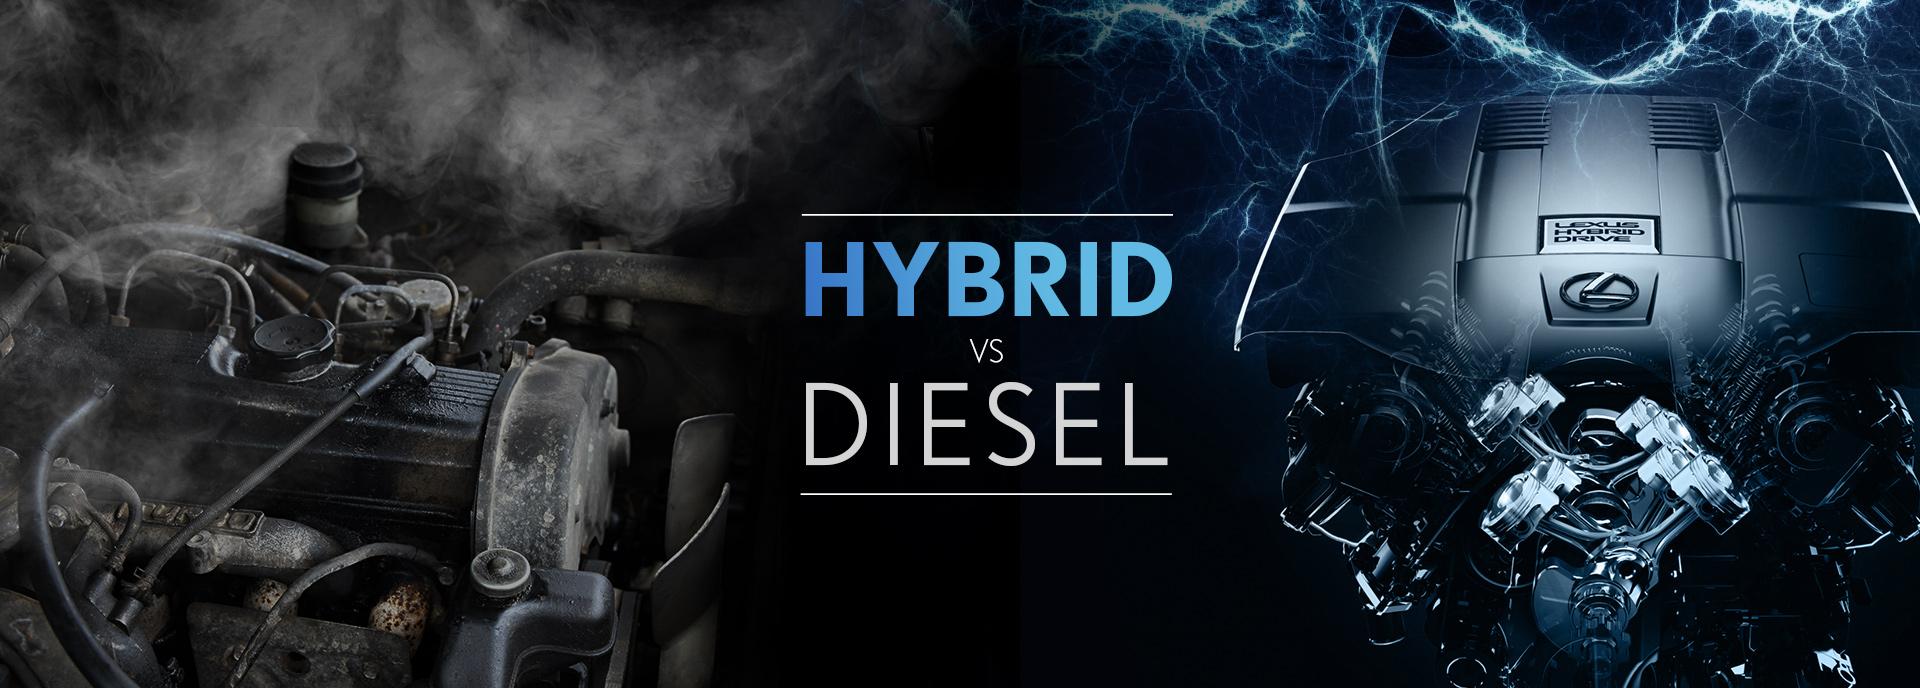 Hybrid v Diesel Hero Image